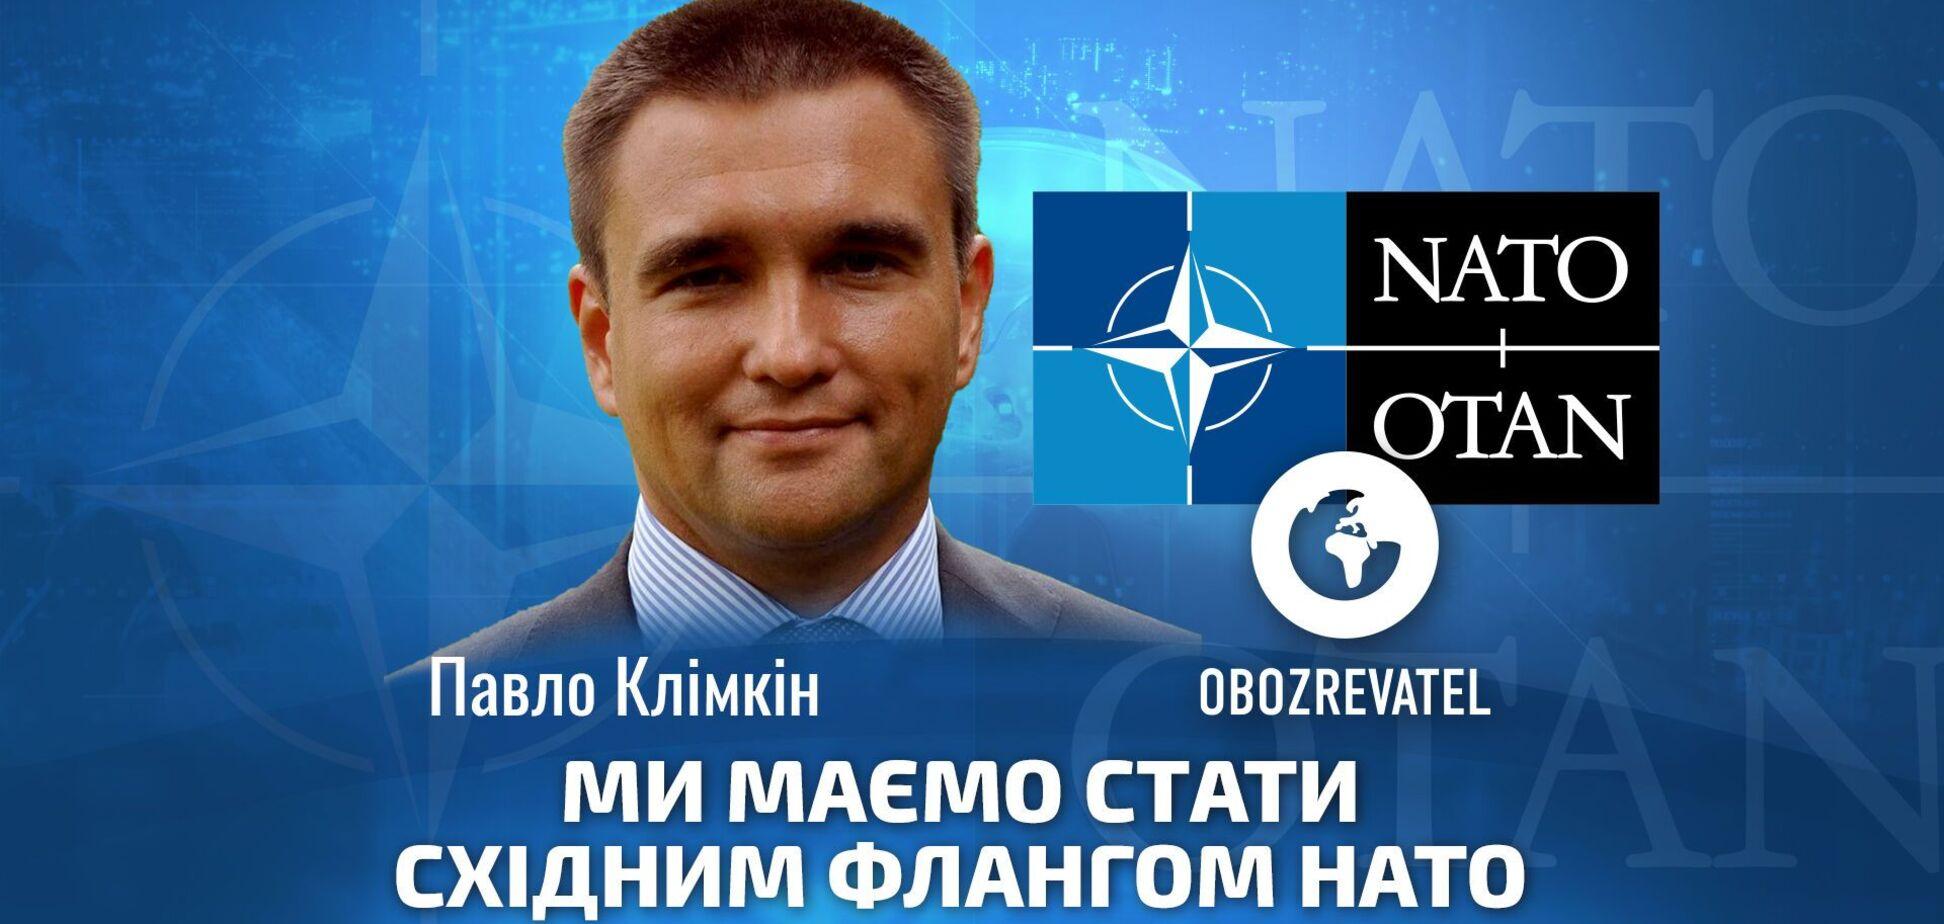 Україна має стати флангом НАТО, – Клімкін